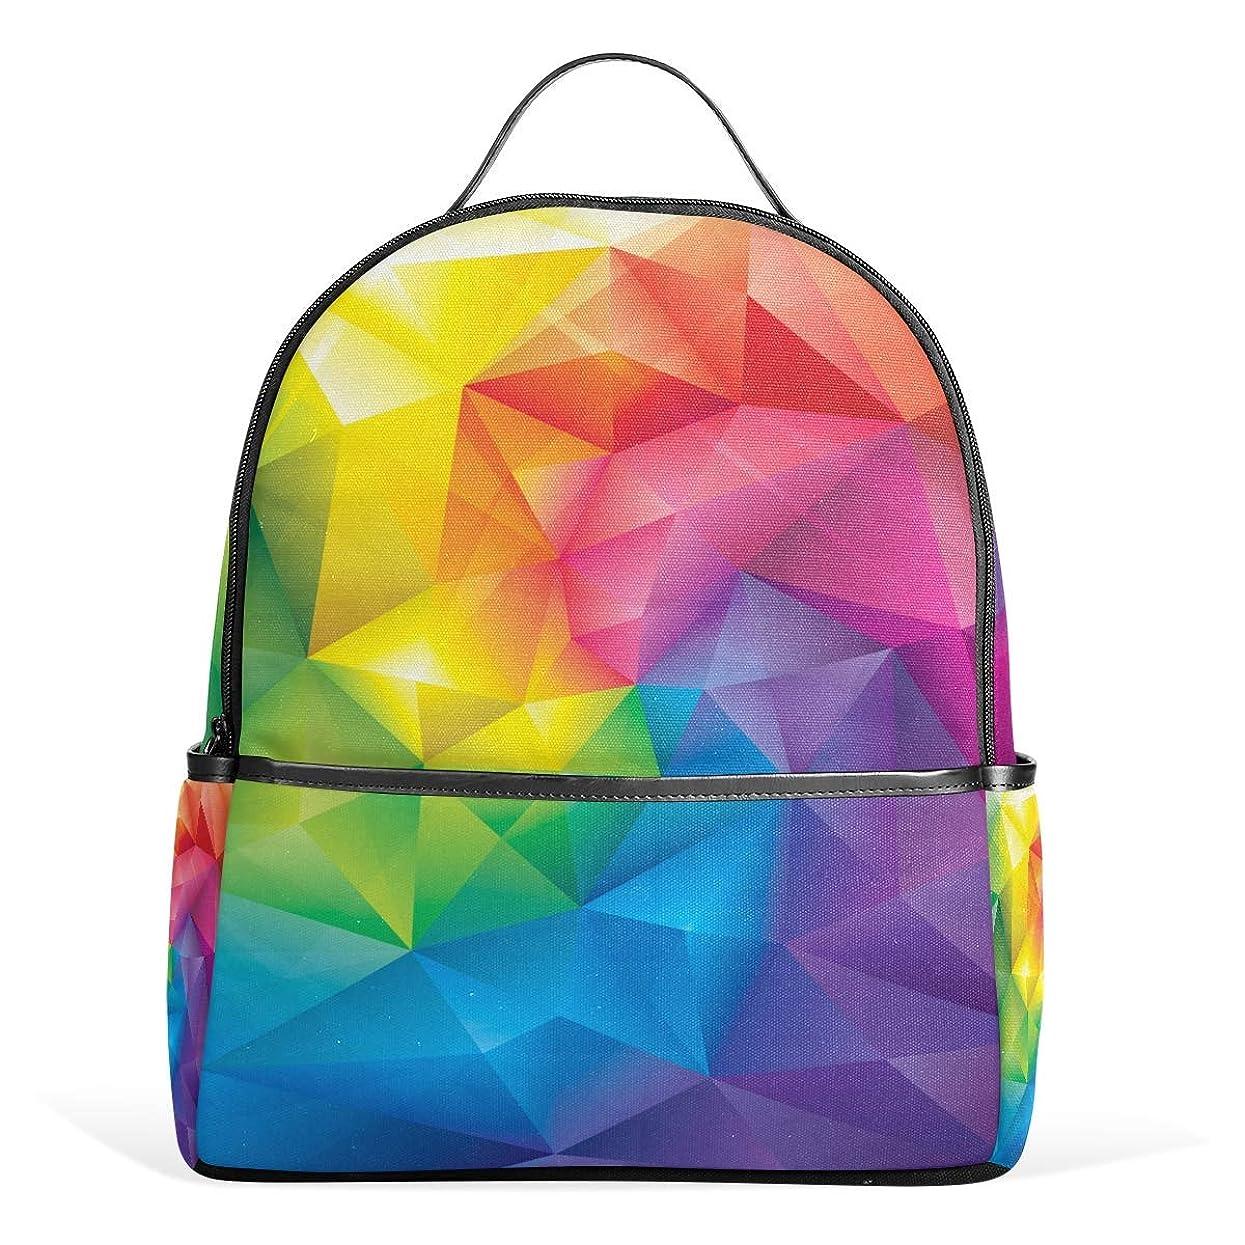 適用するナビゲーションエラーVAMIX リュックサック バッグ 男女兼用 メンズ レディース 通勤 通学 大容量 プレゼント ギフト 幾何学 虹色